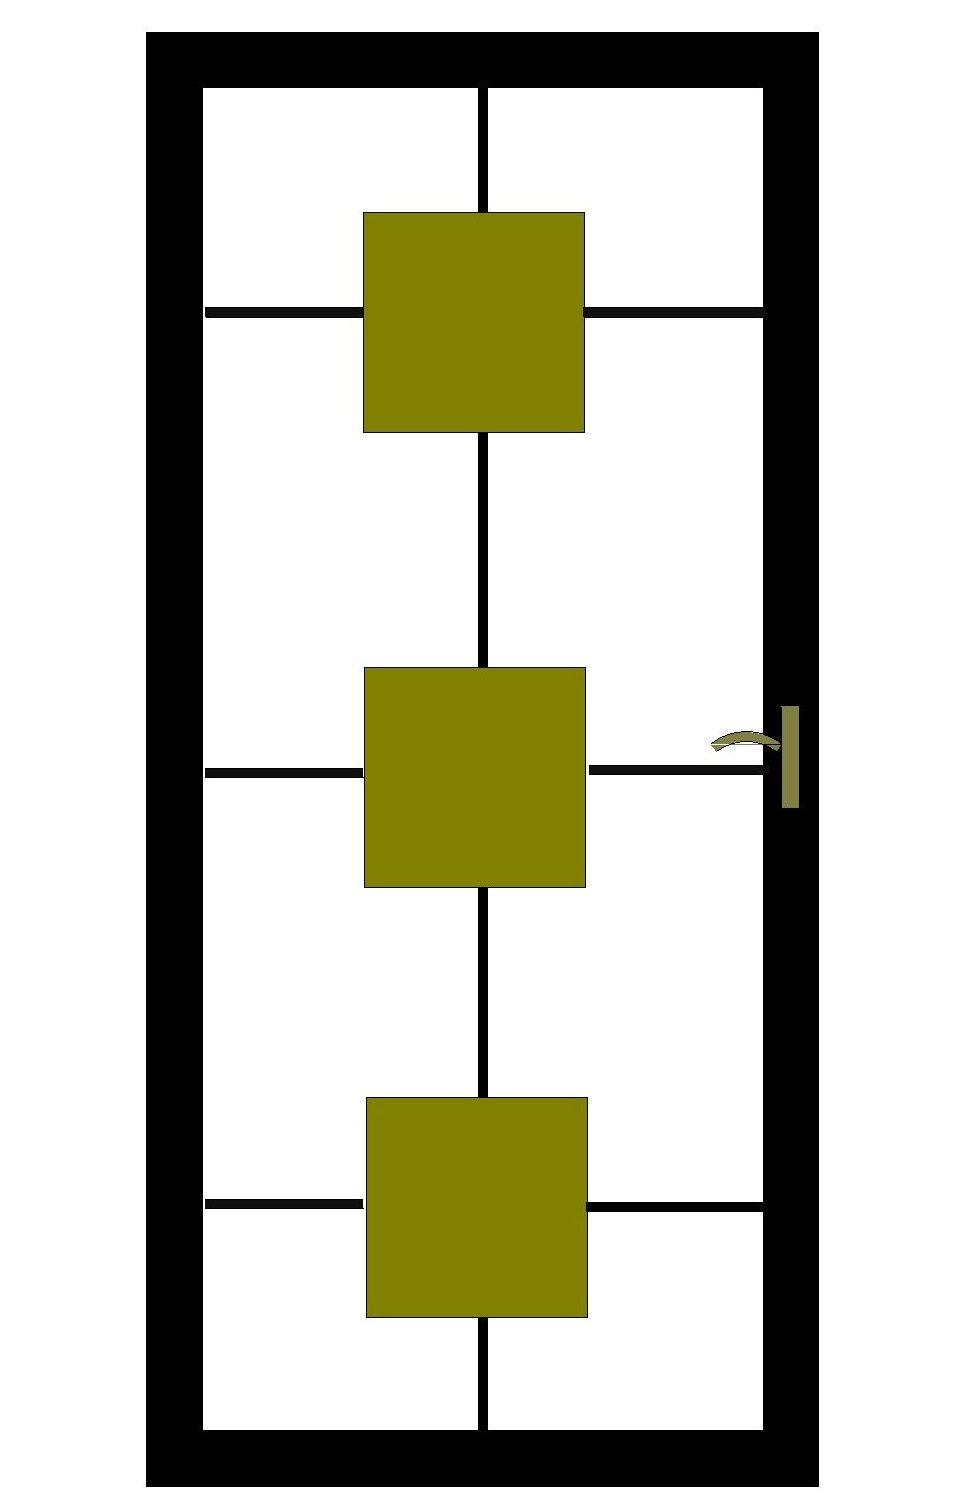 (F) CS1 (SL)